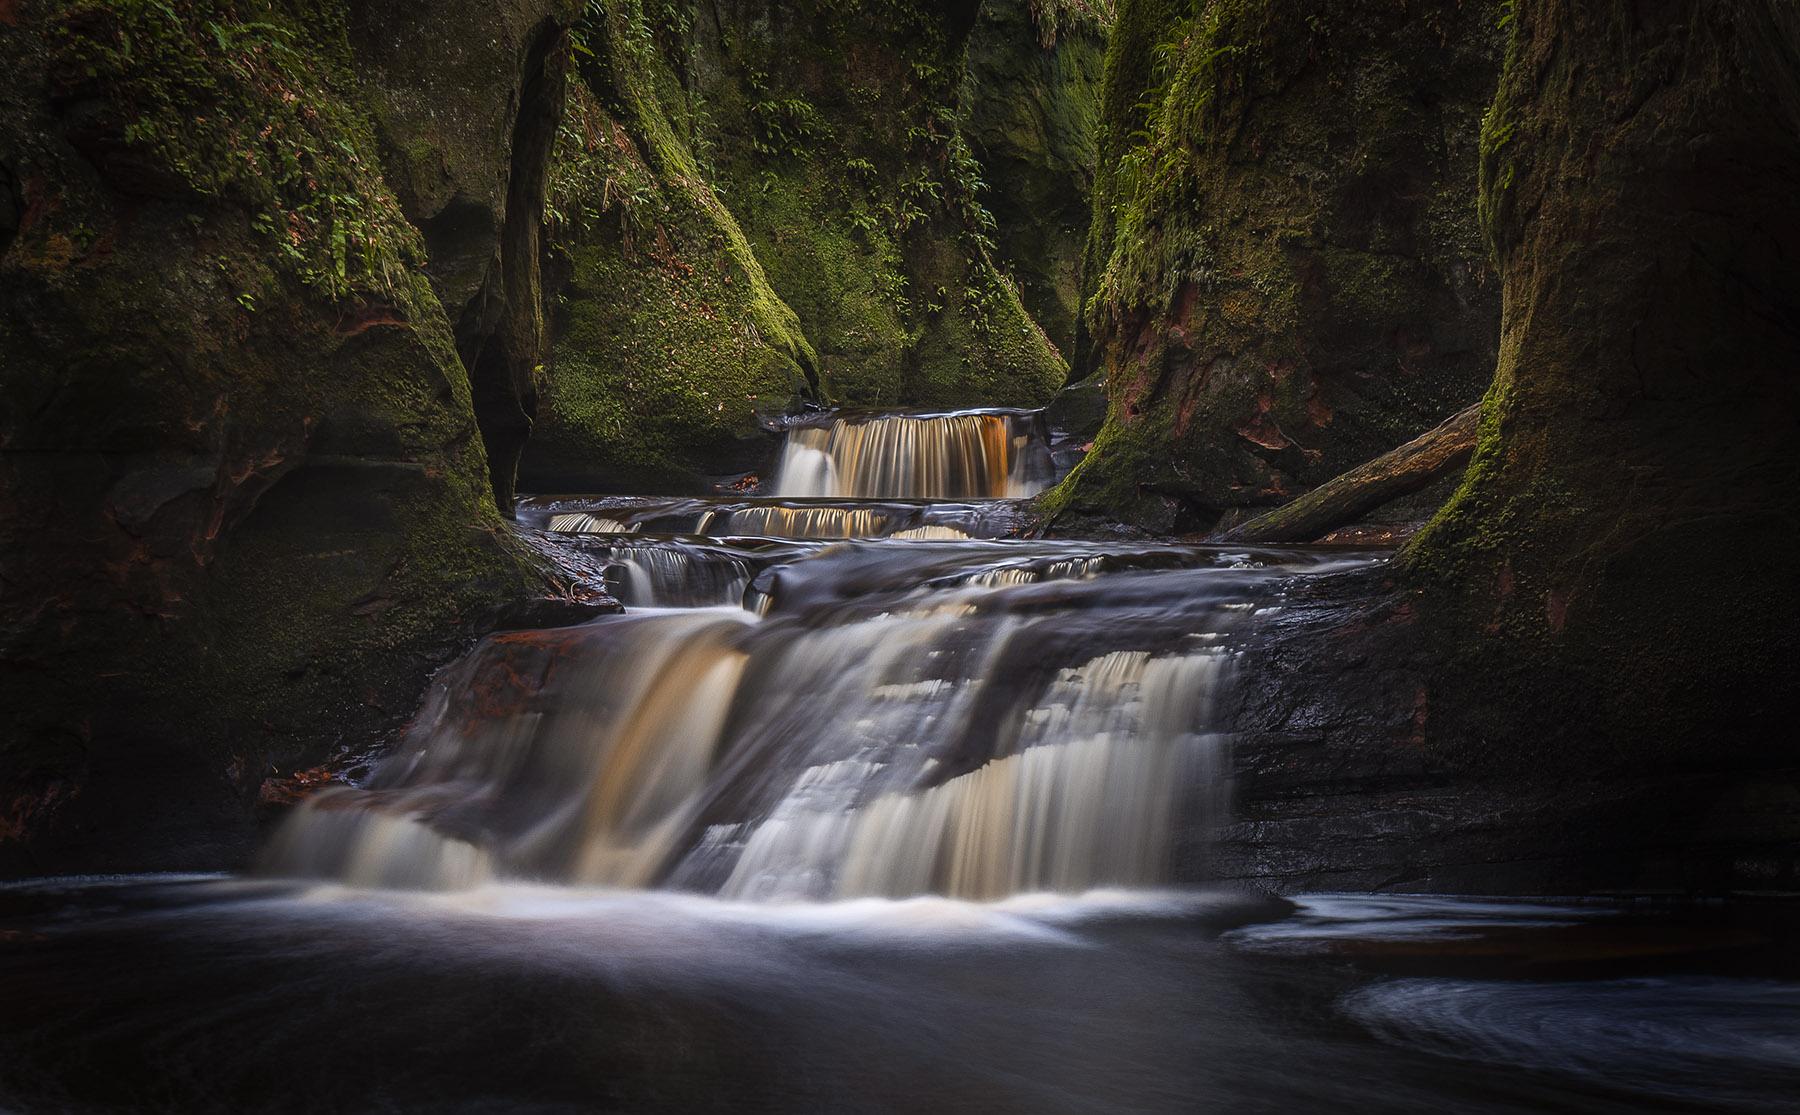 Finnich Glen falls